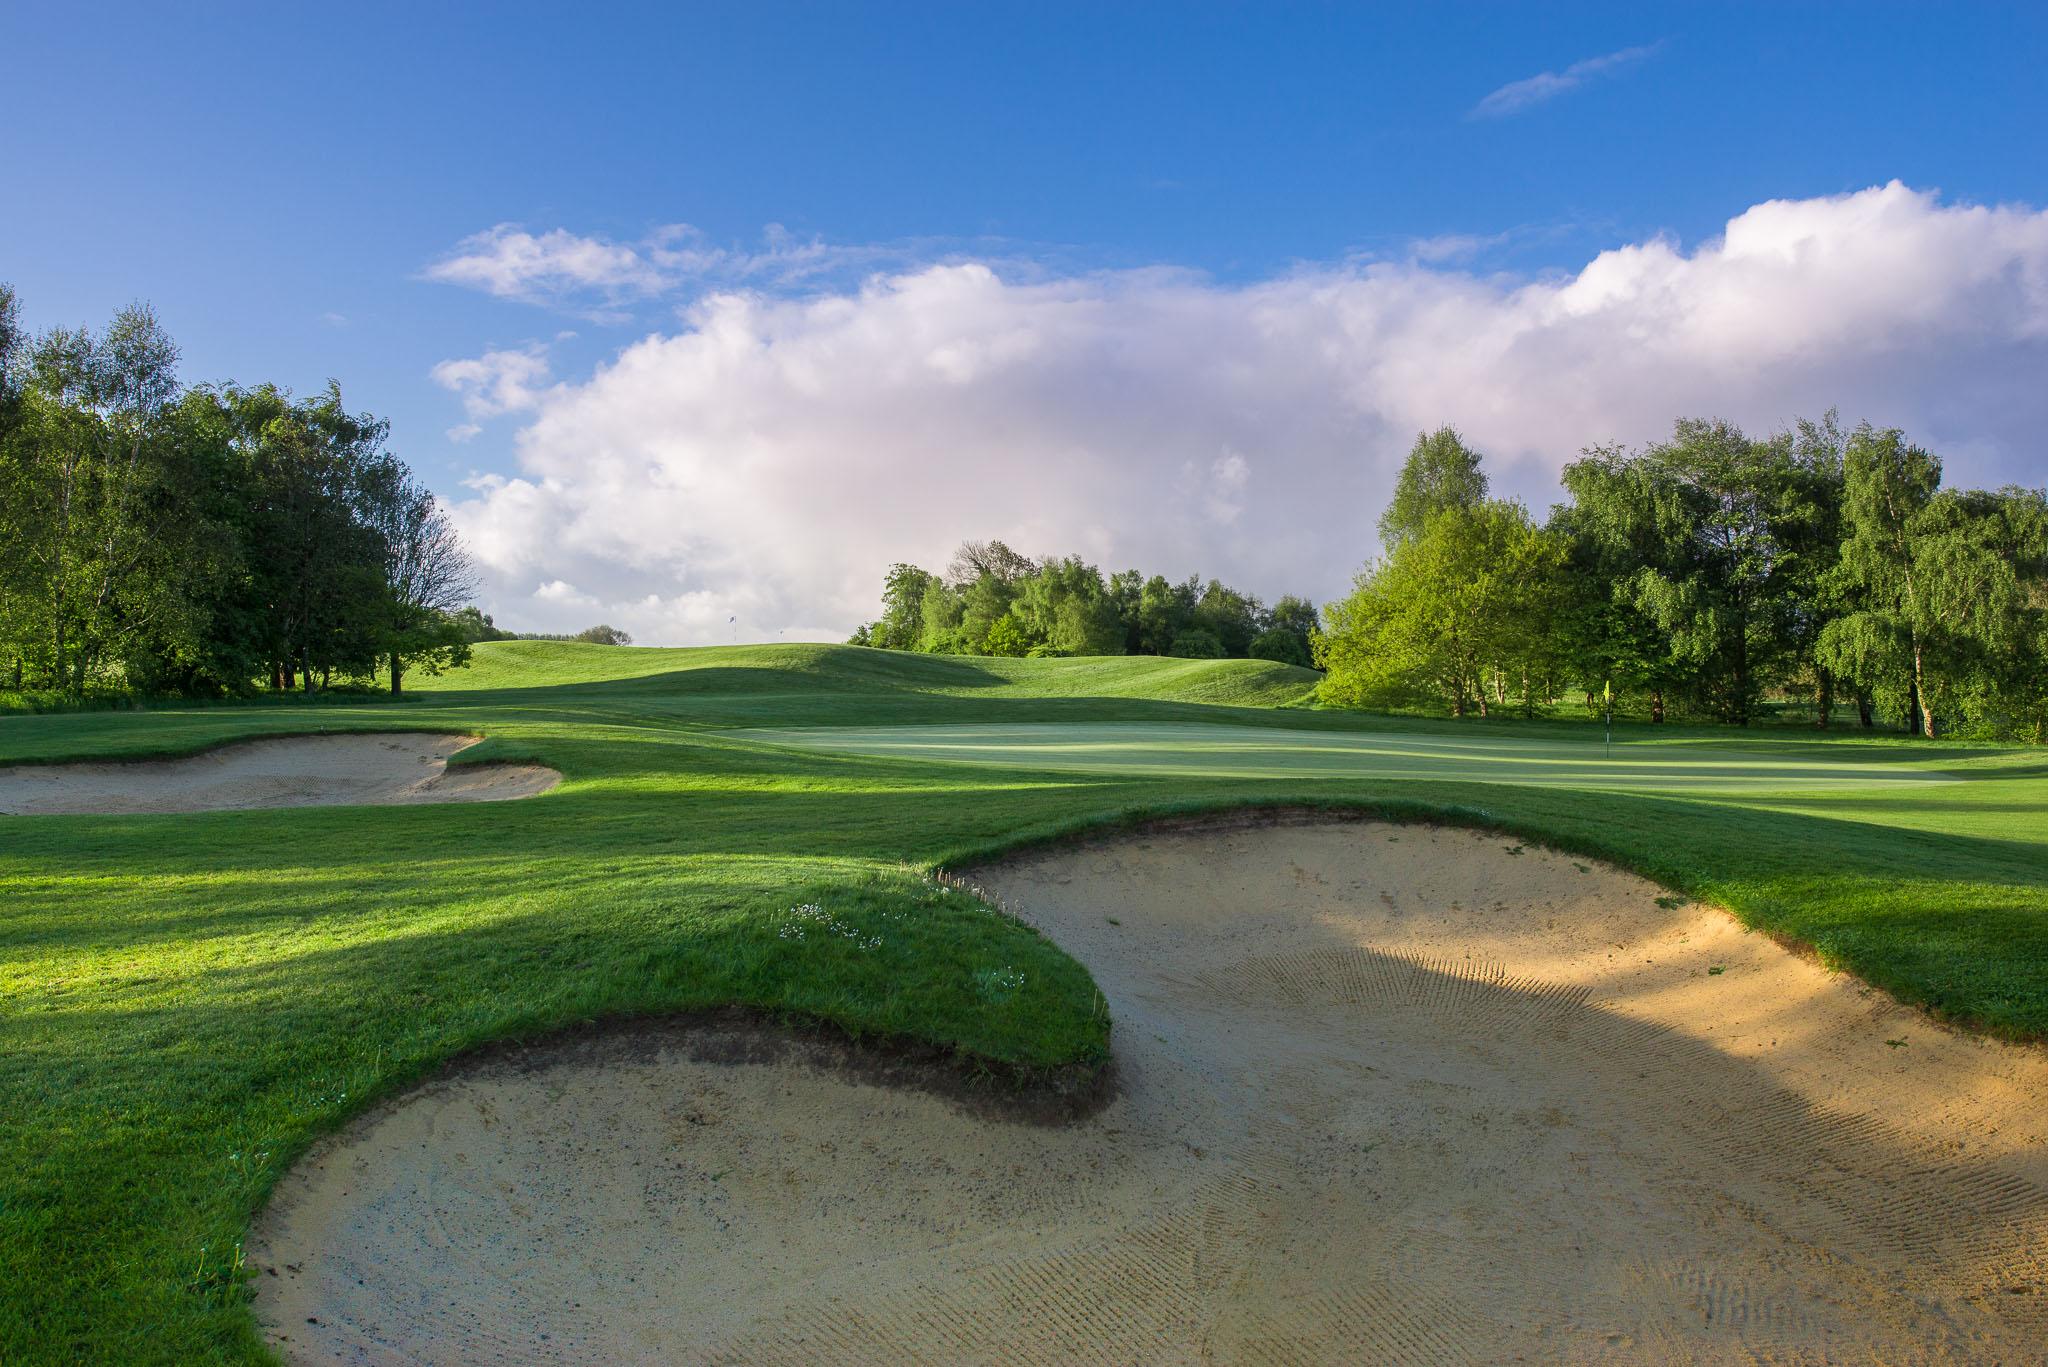 BGL_Thornbury_GolfCourse_AndyHiseman_72dpi_EmailWeb-26.jpg